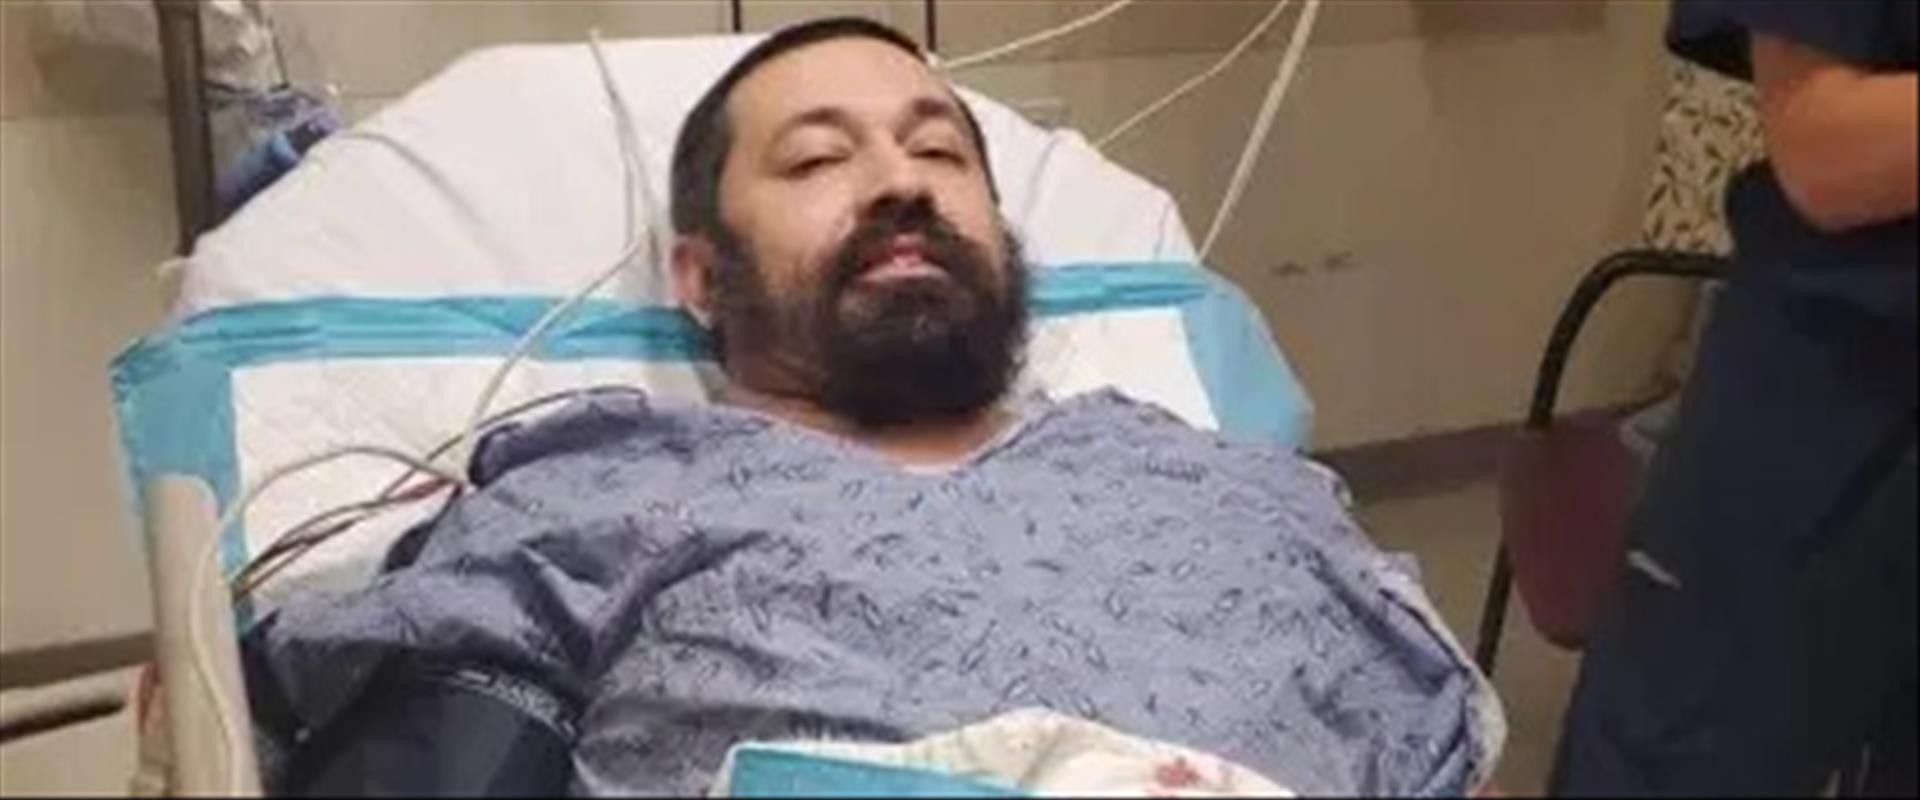 הרב שהותקף מאושפז בית החולים, הלילה